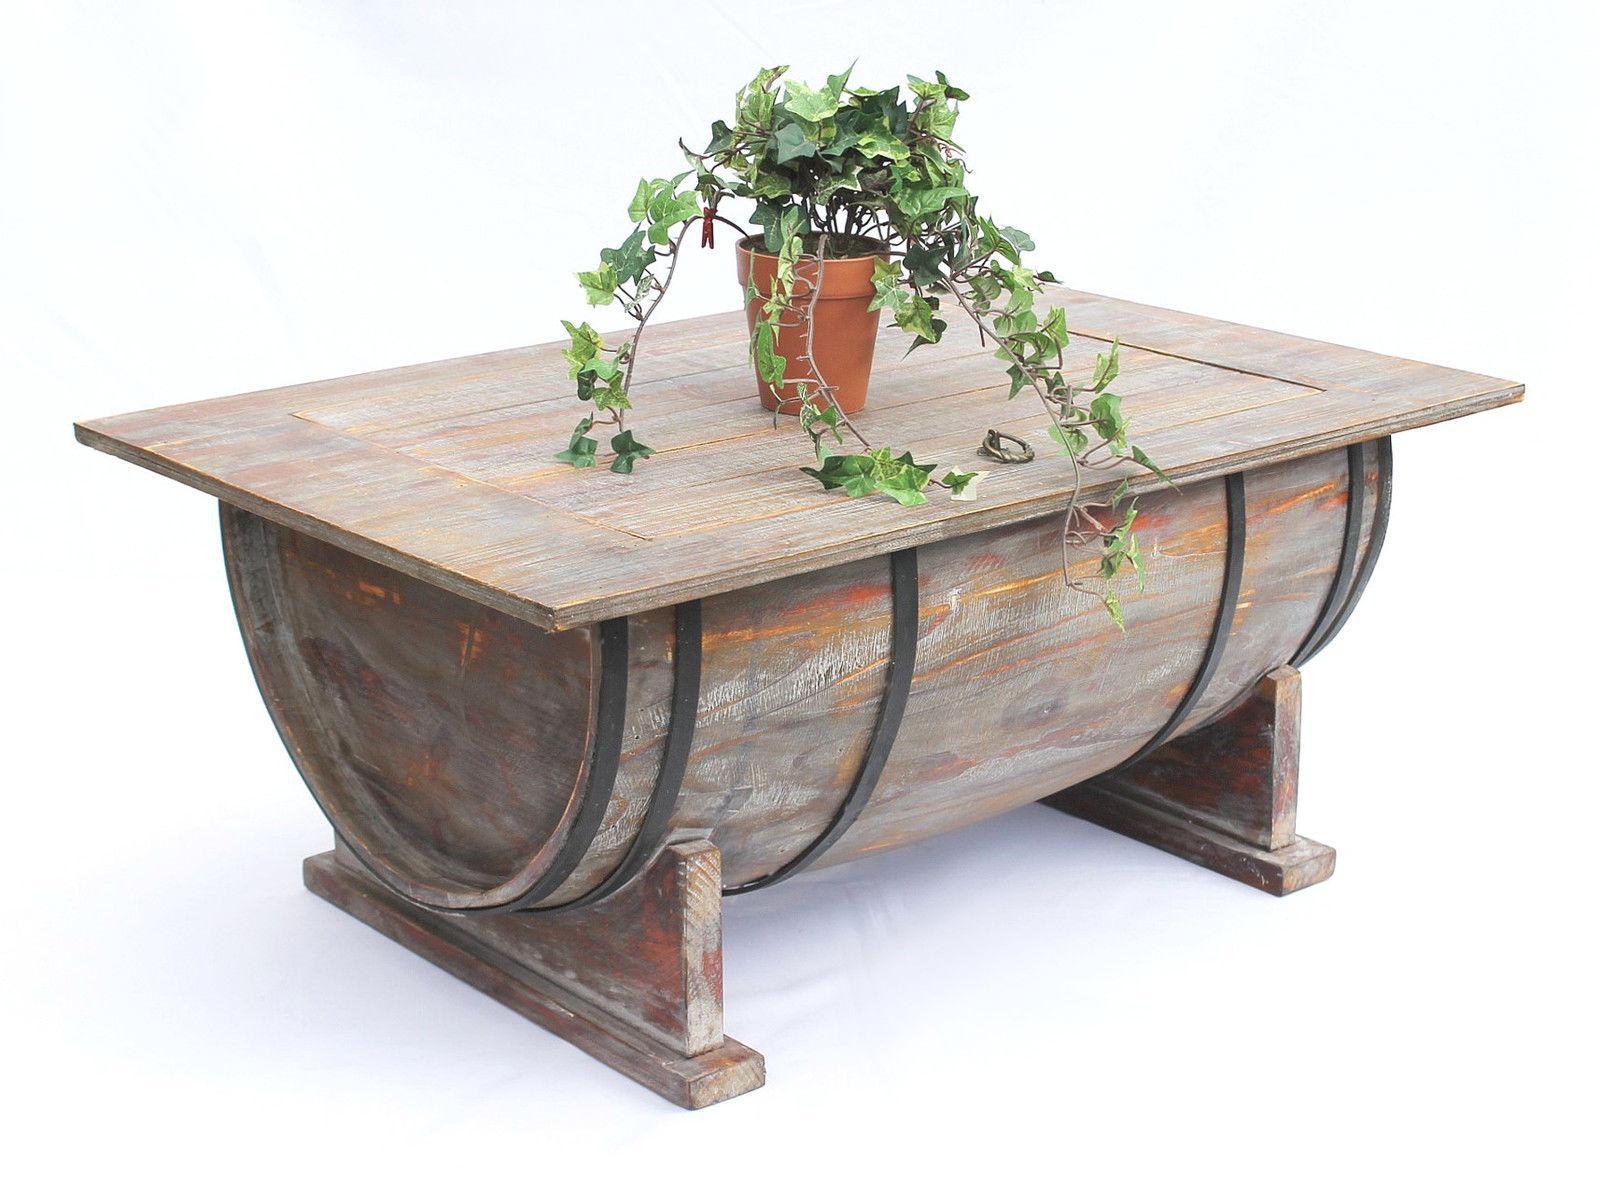 couchtisch weinfass 5084 tisch aus holz weinregal 80 cm. Black Bedroom Furniture Sets. Home Design Ideas